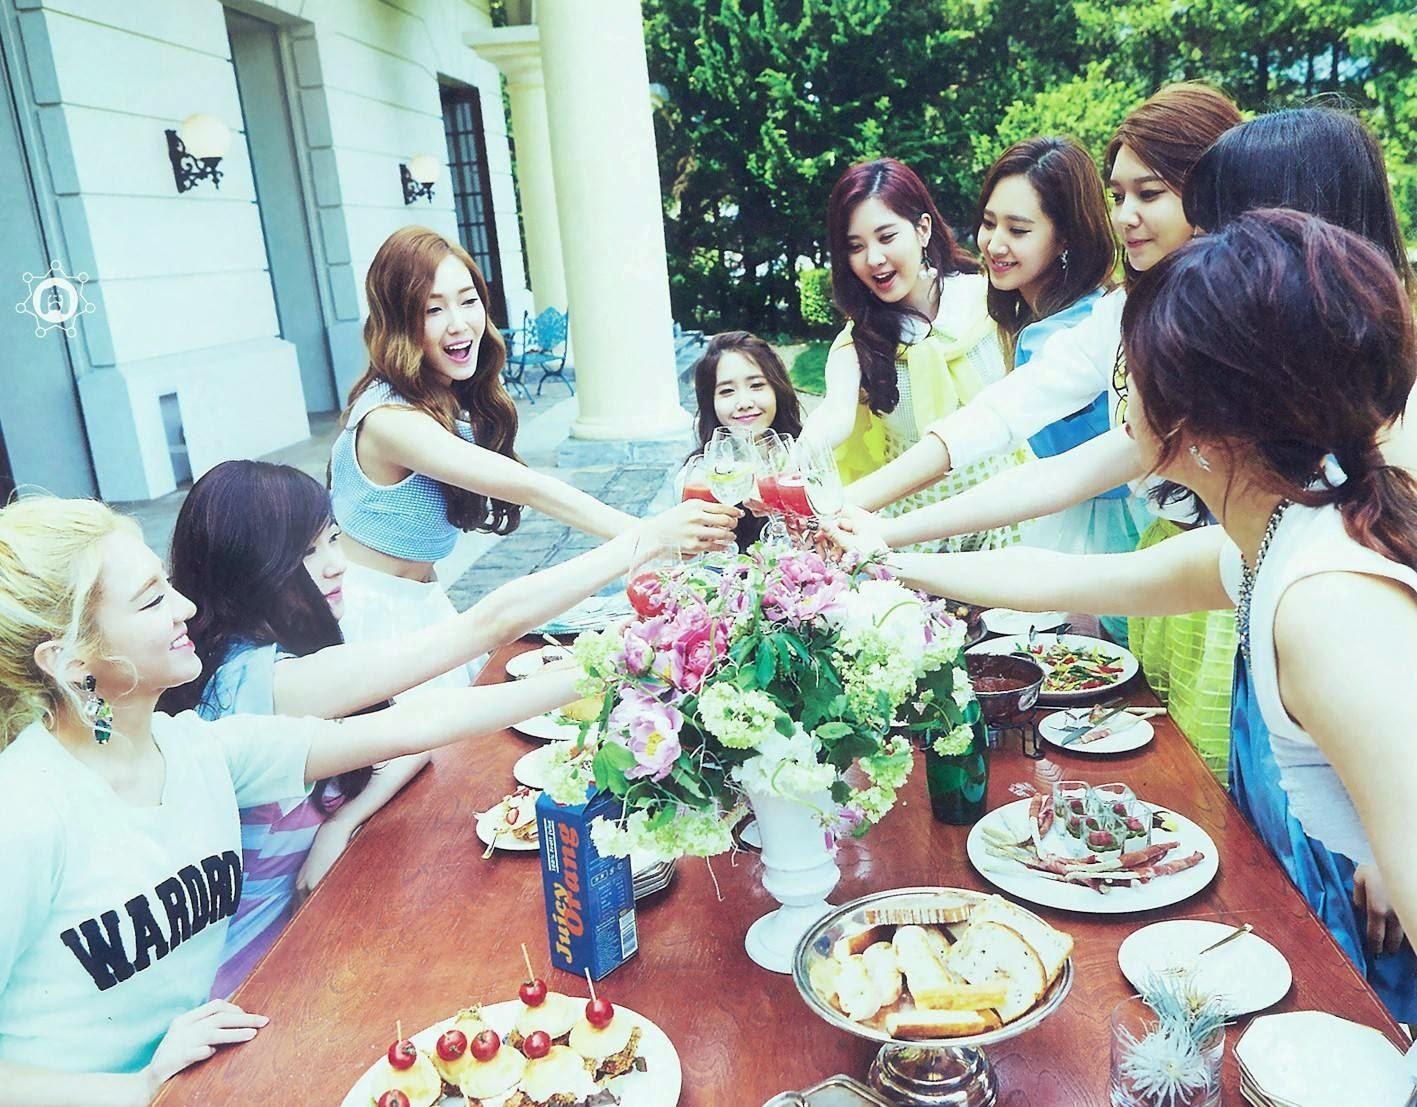 SNSD Girls Generation The Best Scan Wallpaper HD 5